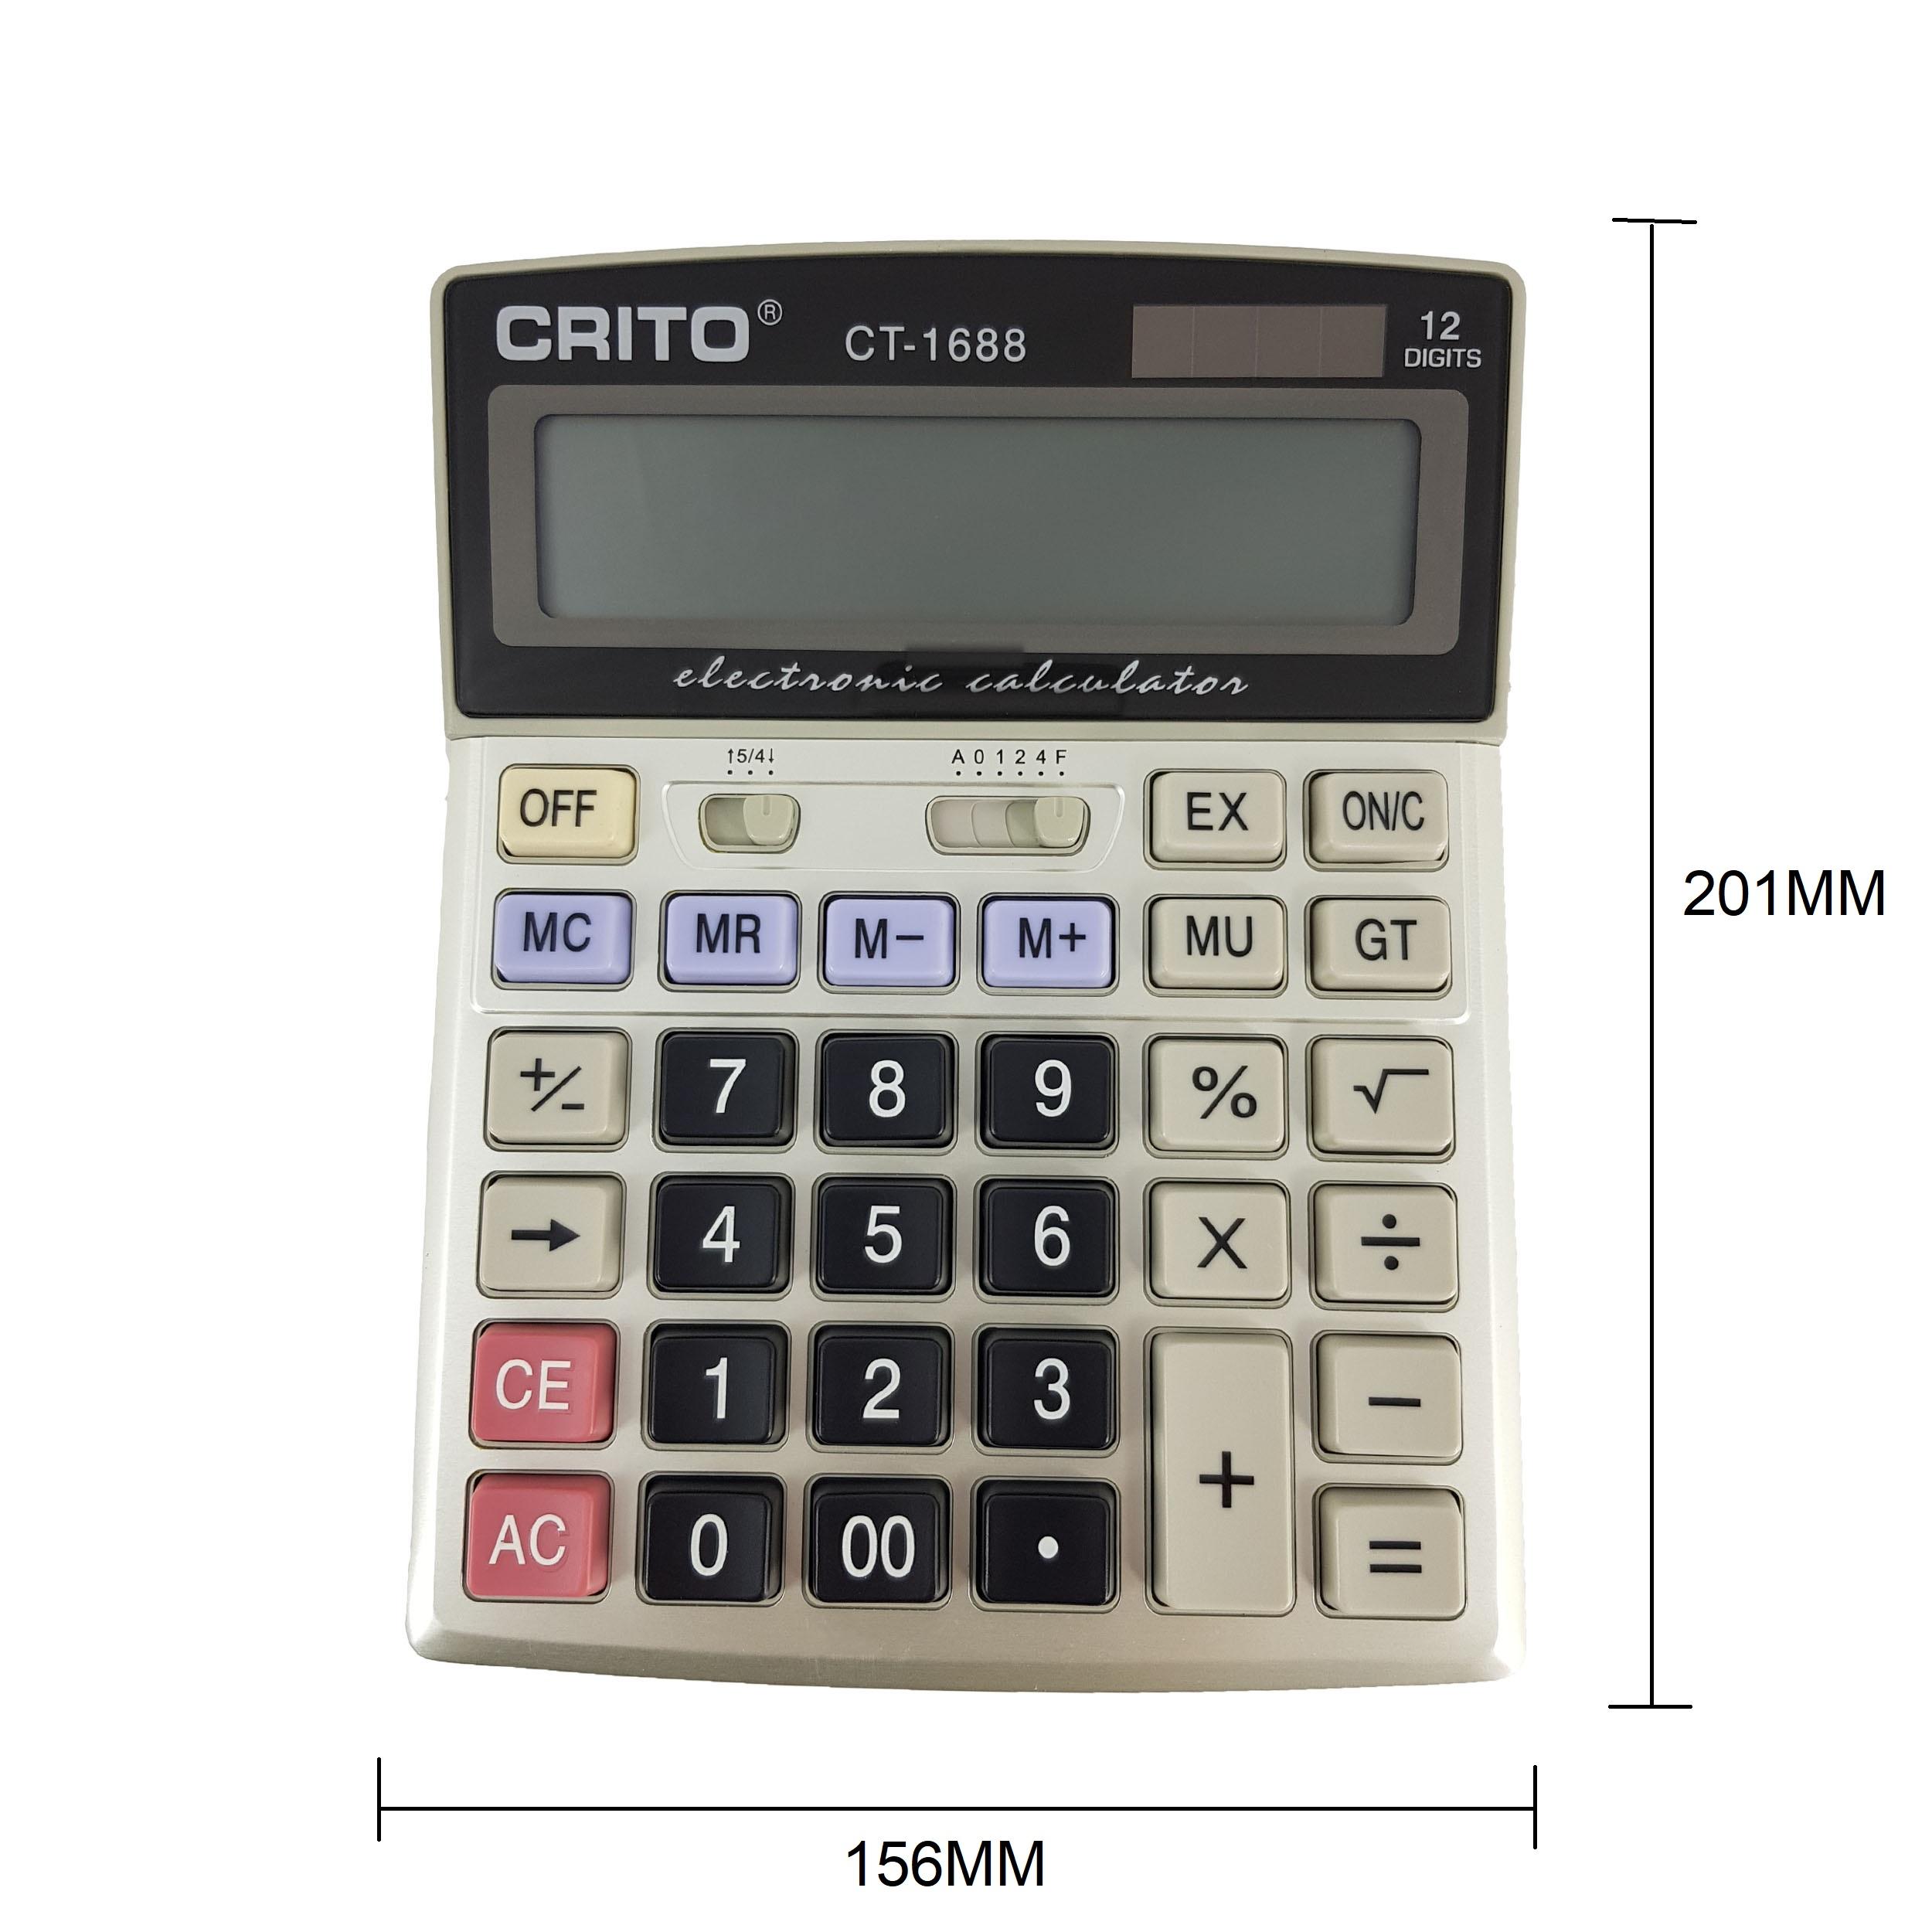 قیمت                      ماشین حساب کریتو مدلCT-1688